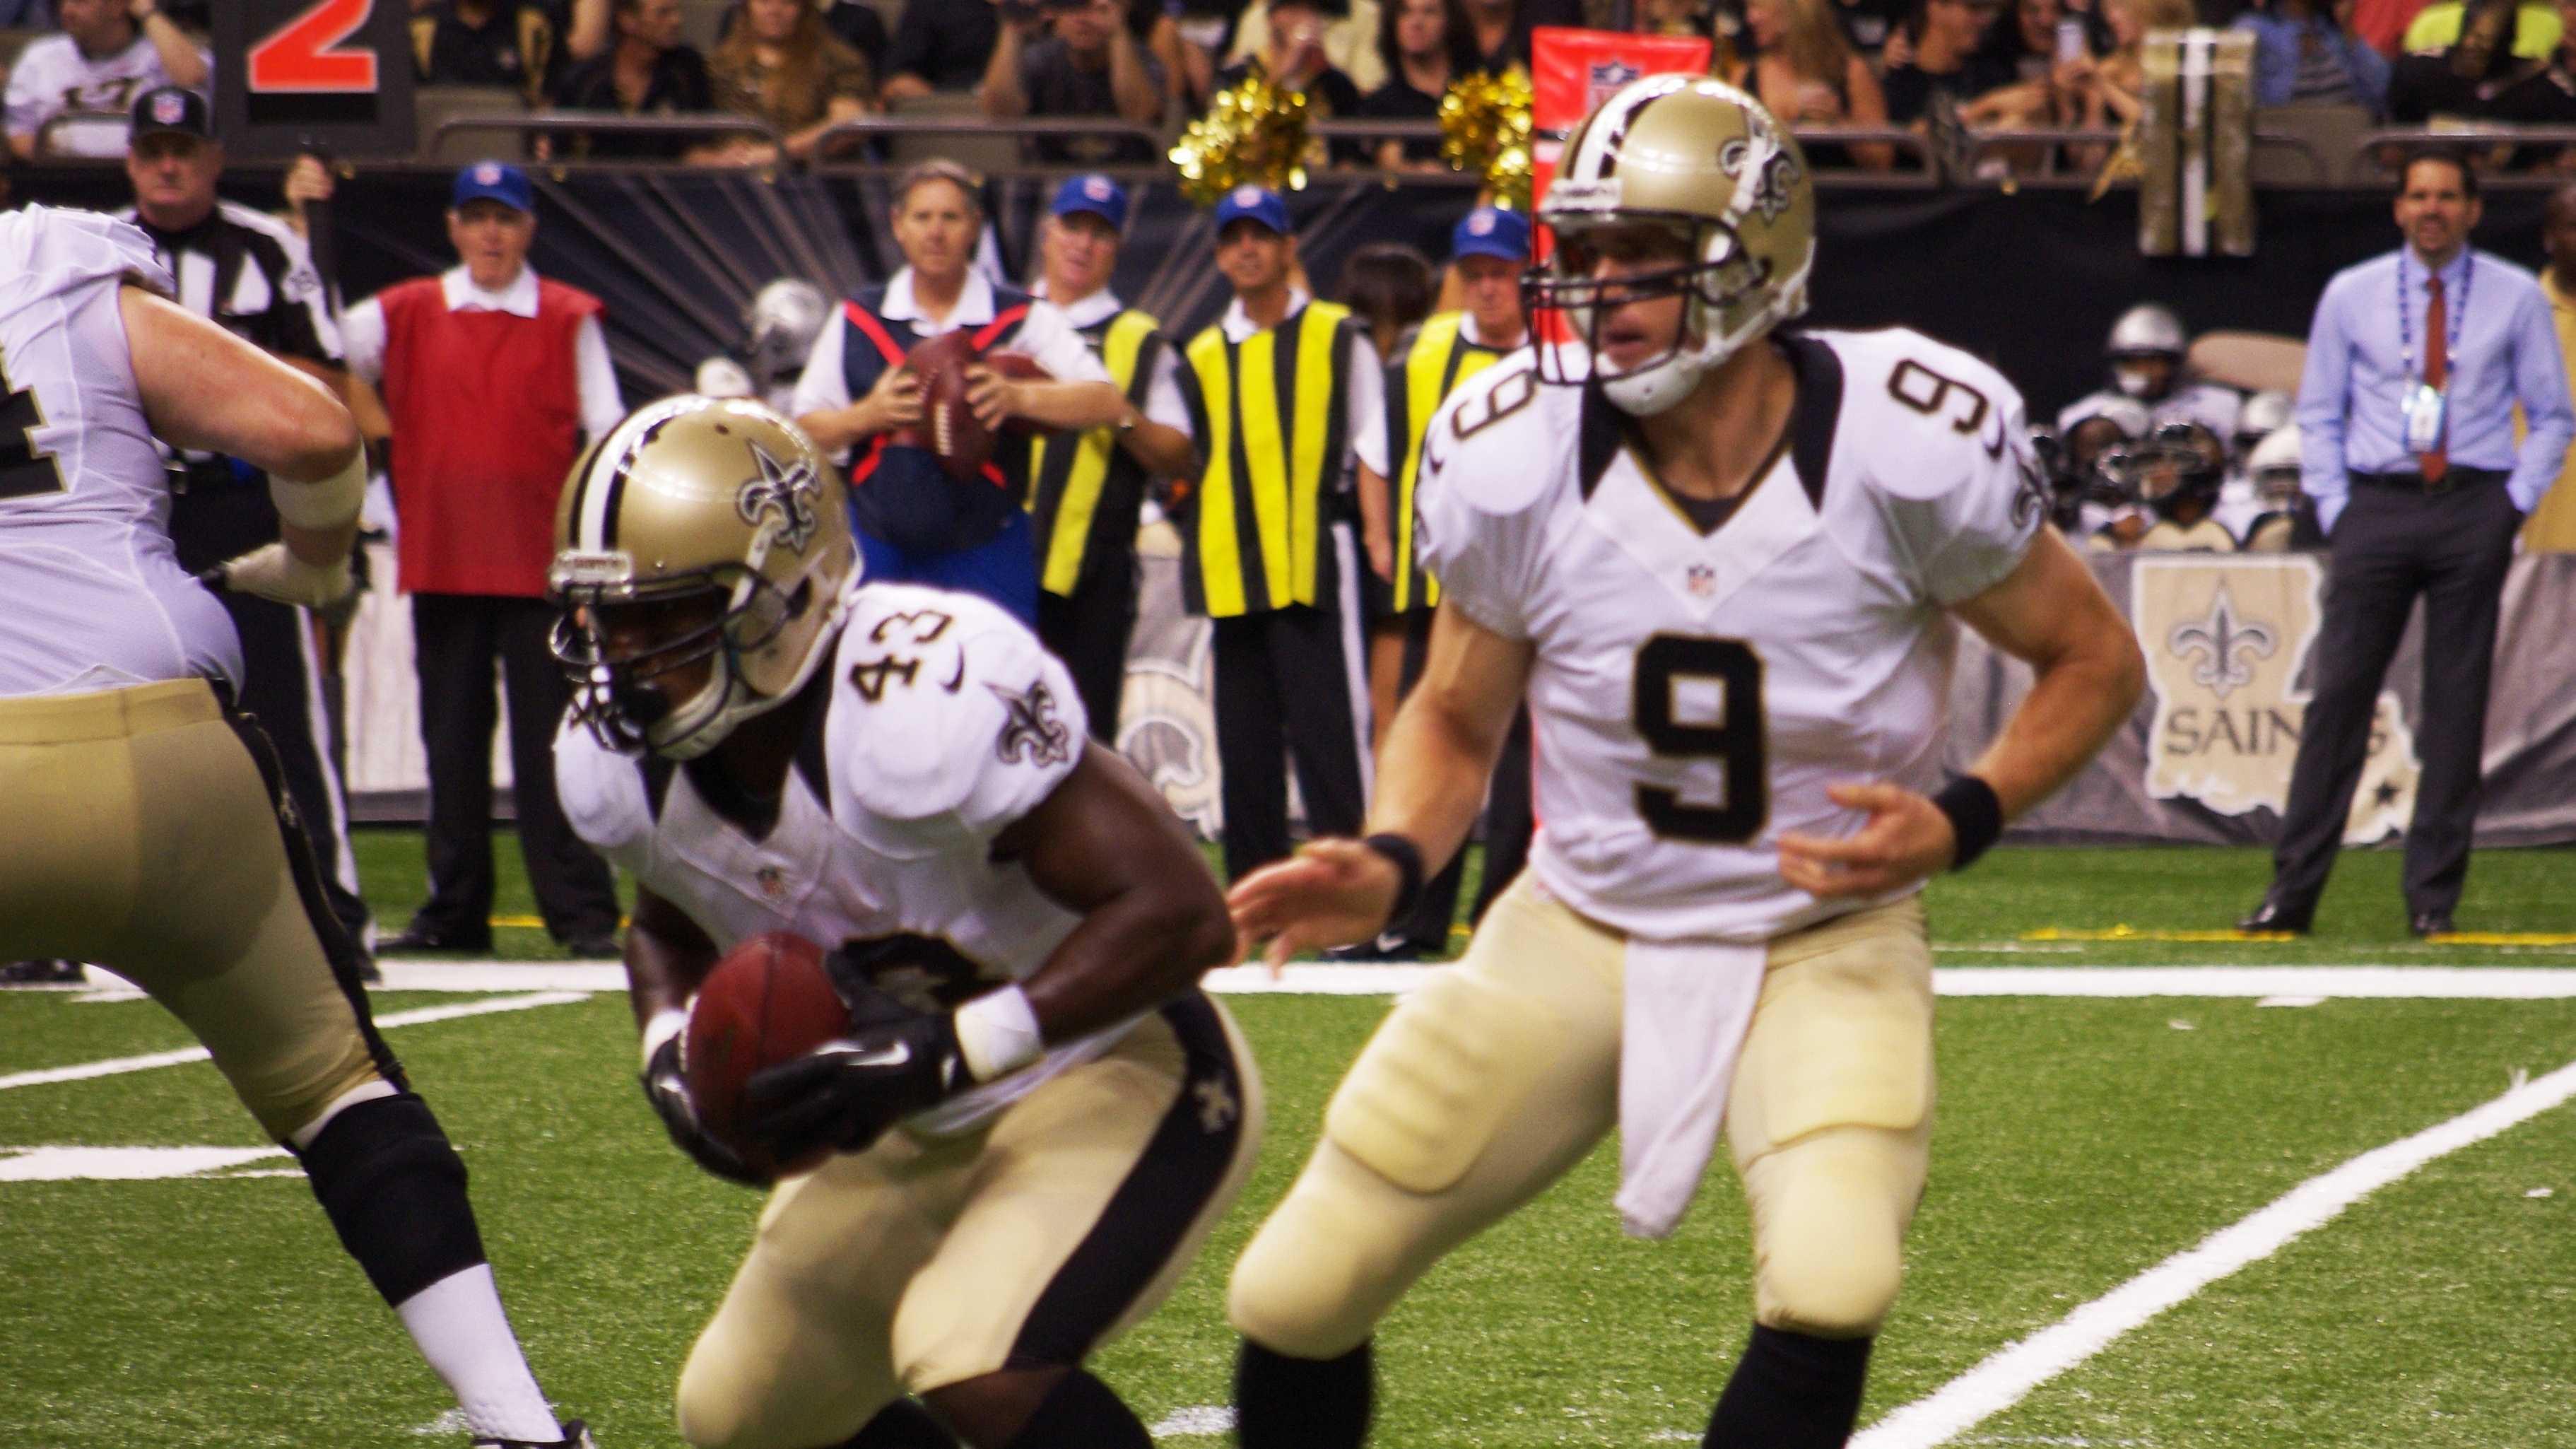 Saints vs Raiders preseason 2013